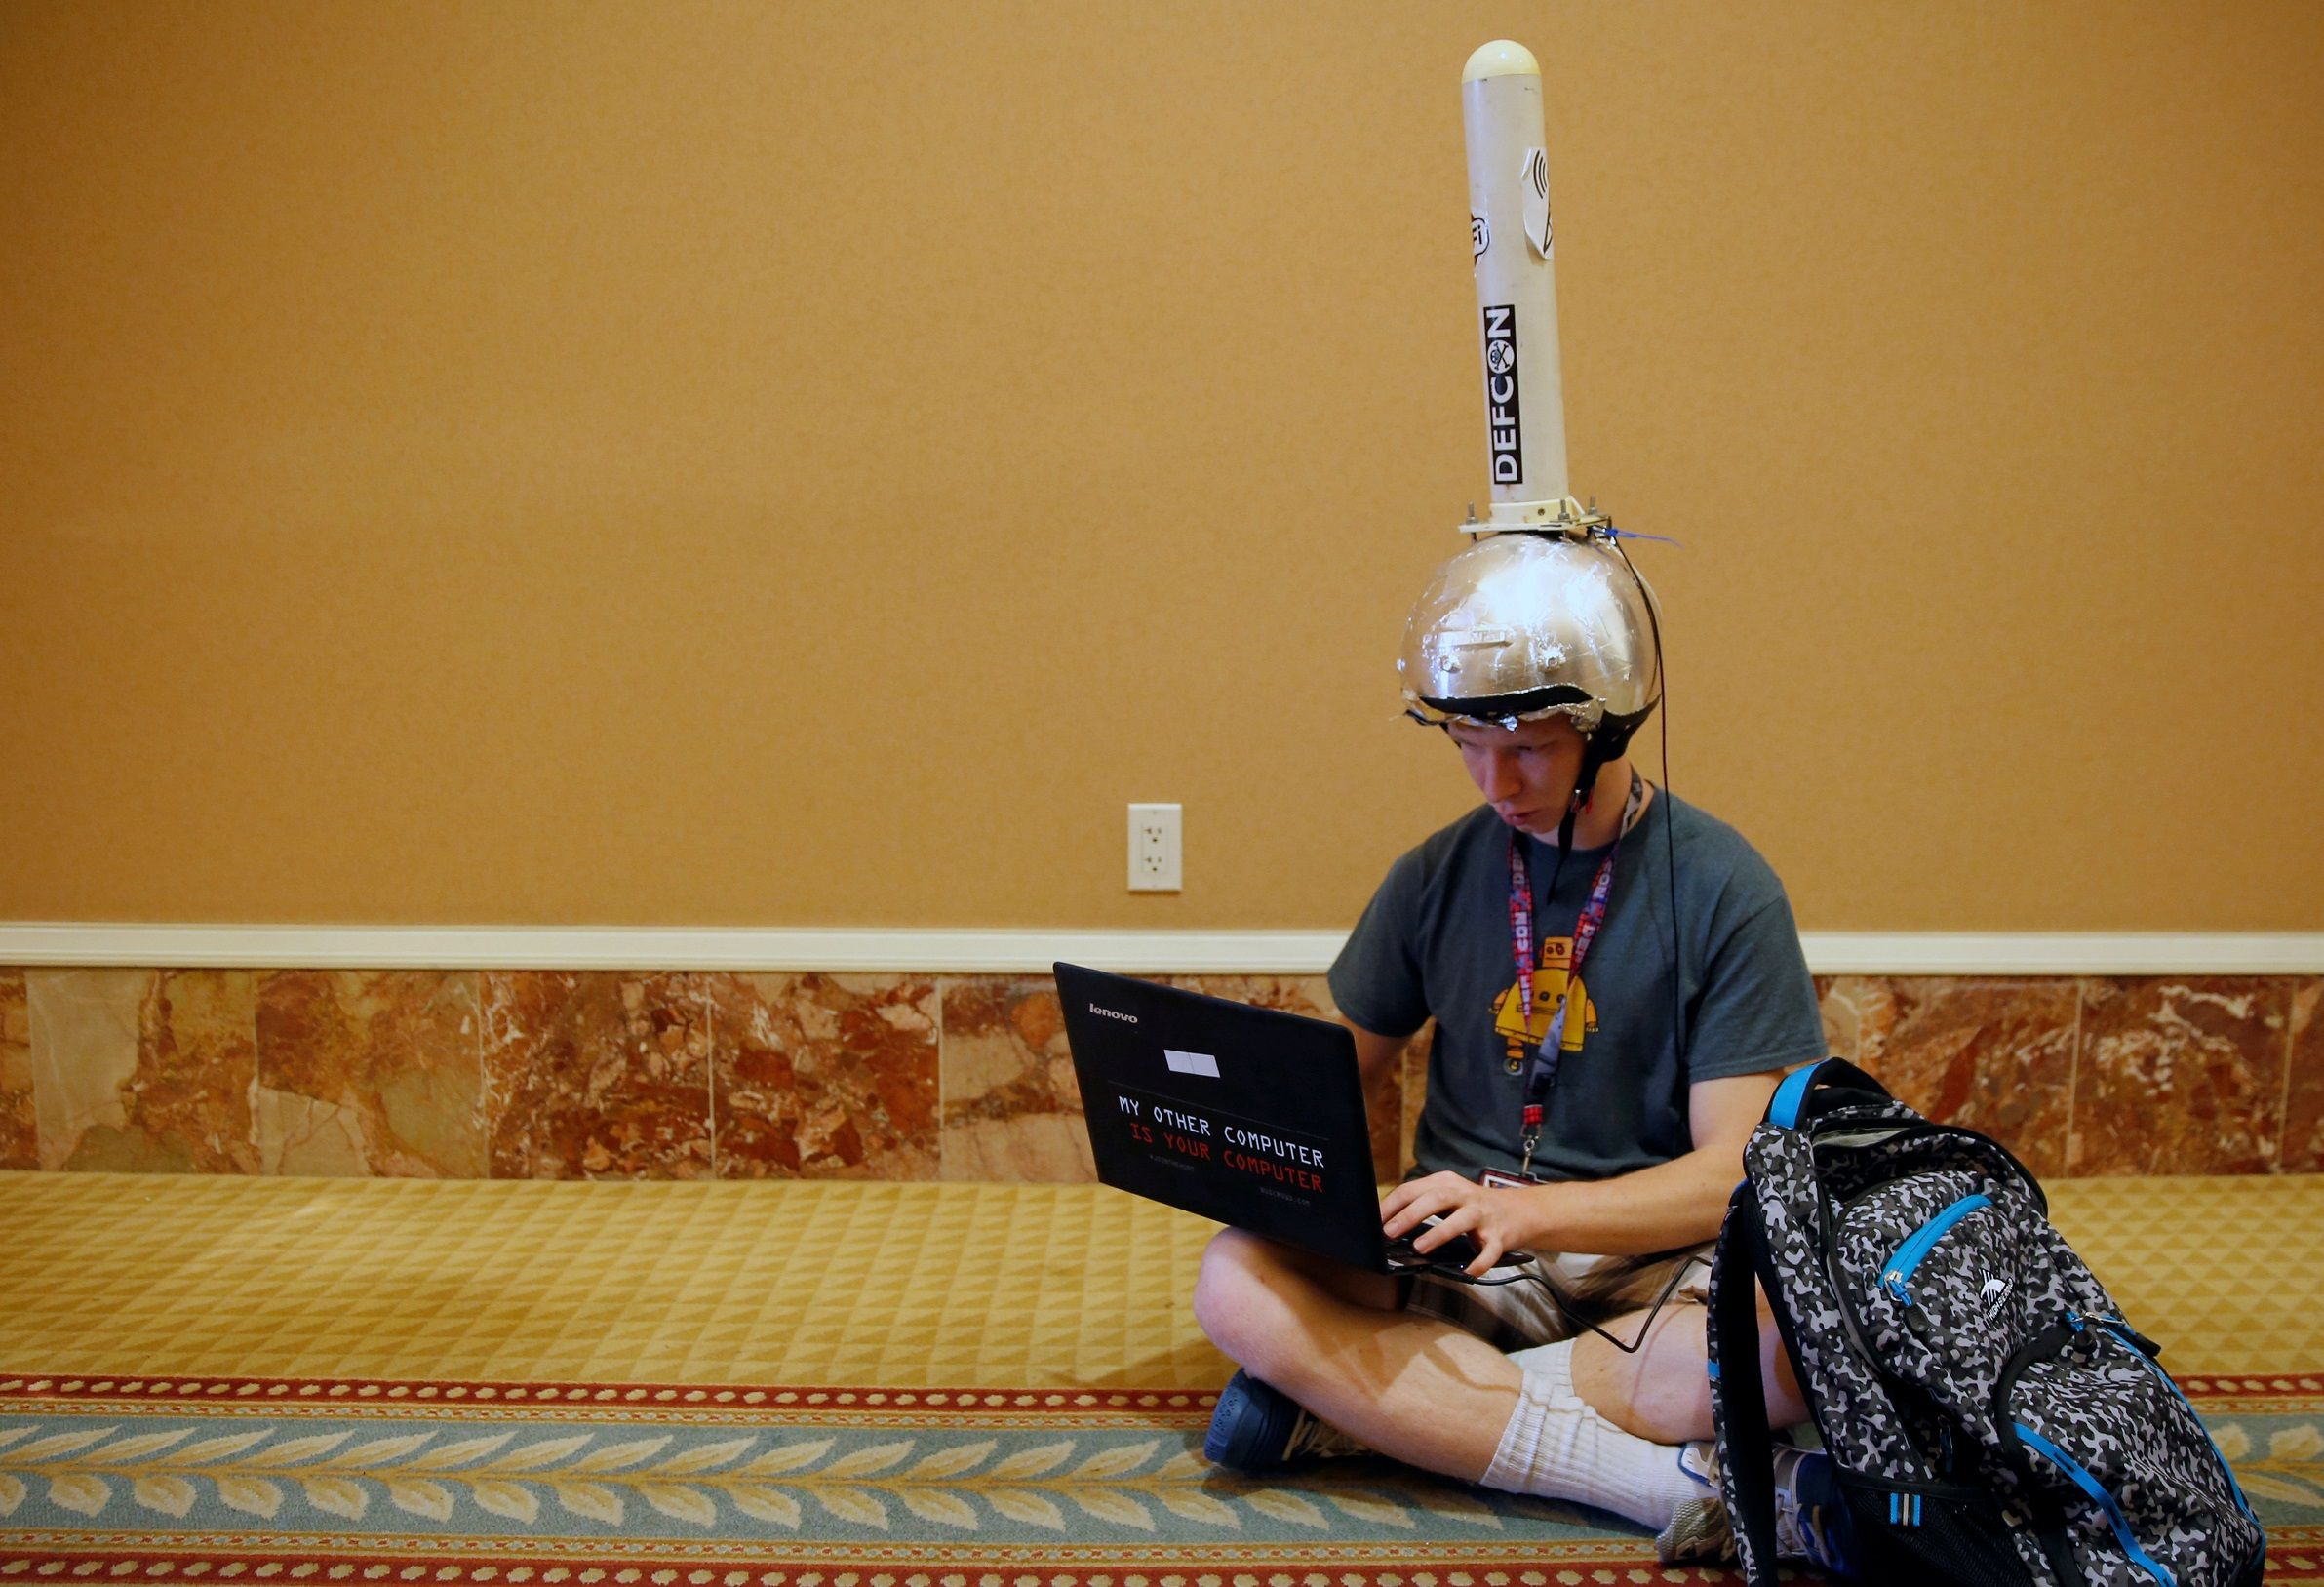 krack wifi hack cybersecurity fix